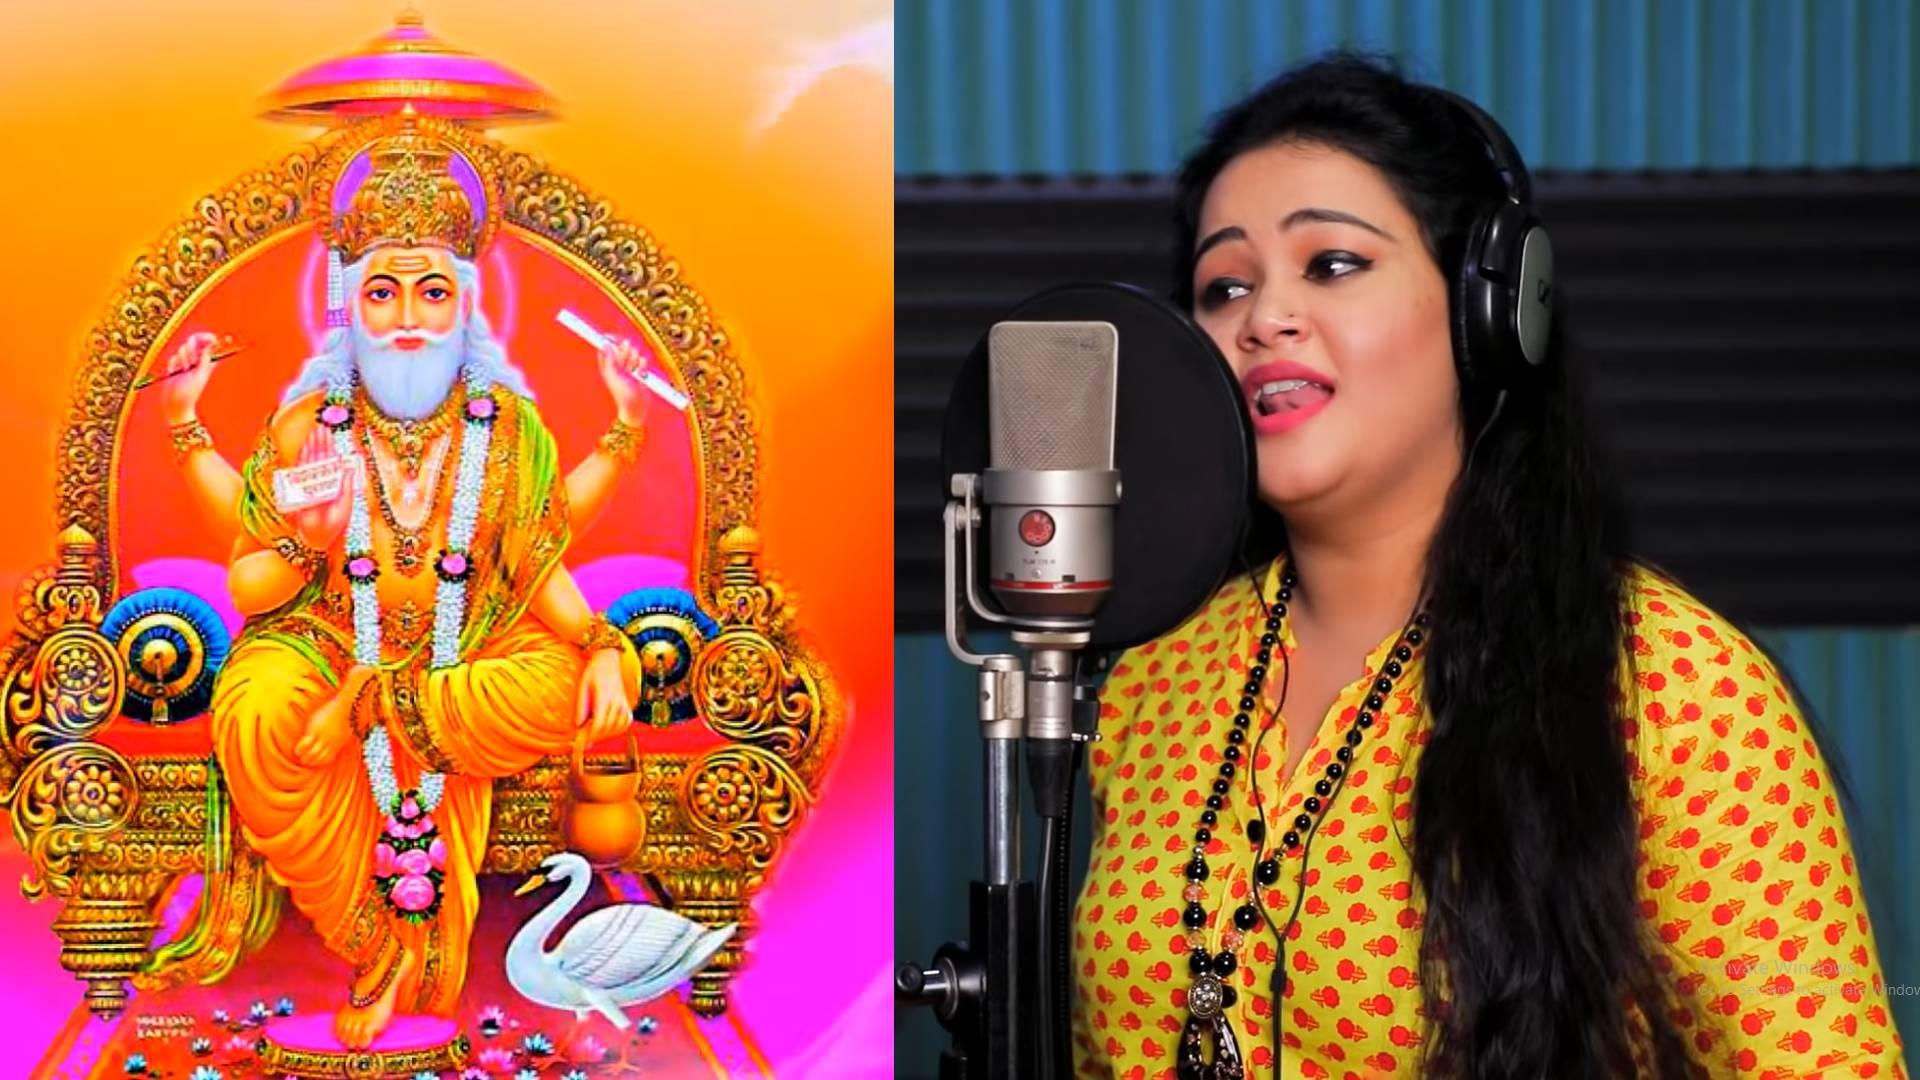 He Baba Vishwakarma Song: भगवान विश्वकर्मा ने बसाई श्रीकृष्ण की नगरी, अनु दुबे ने इस गाने में बताई उनकी महिमा